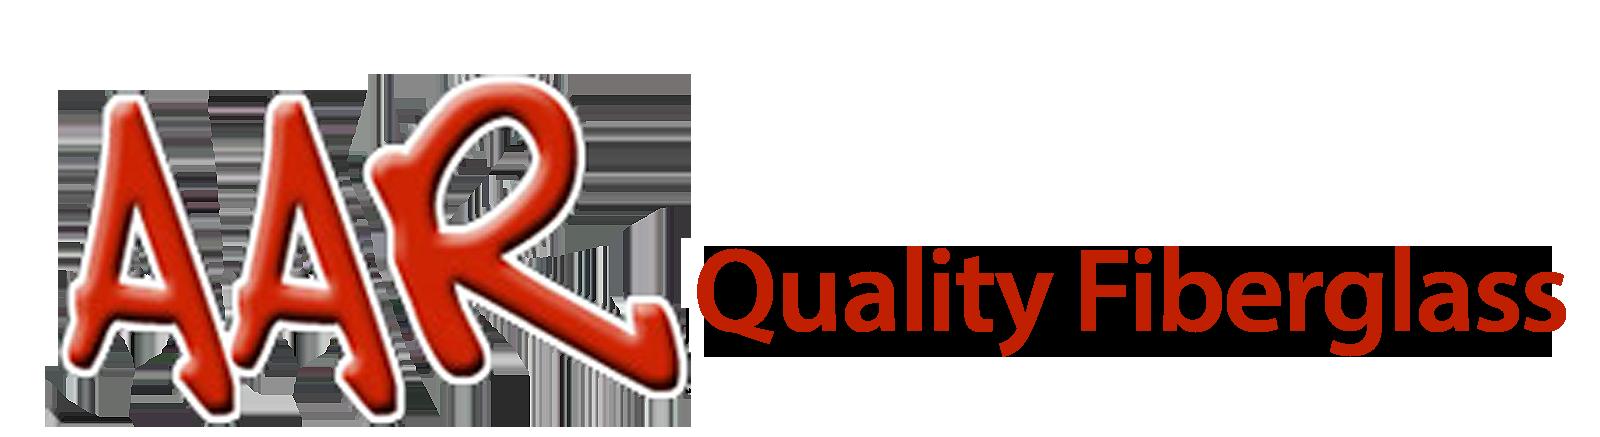 AAR Quality Fiberglass Logo